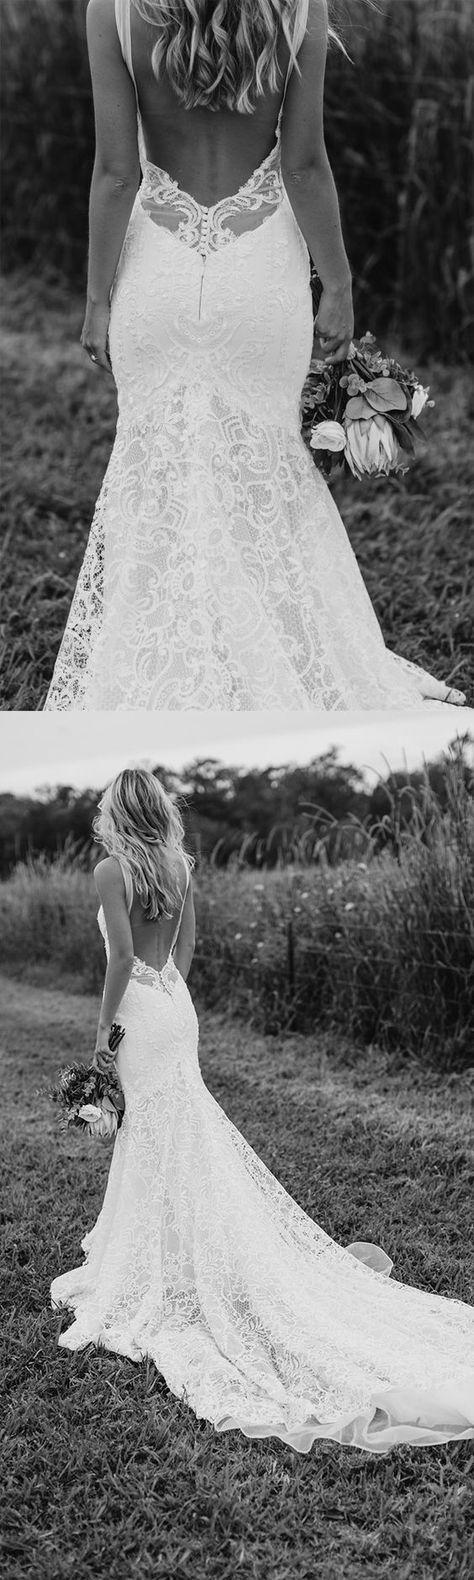 Vintage Brautkleid aus Spitze mit langer Schleppe und tiefem sexy Rückenausschn…